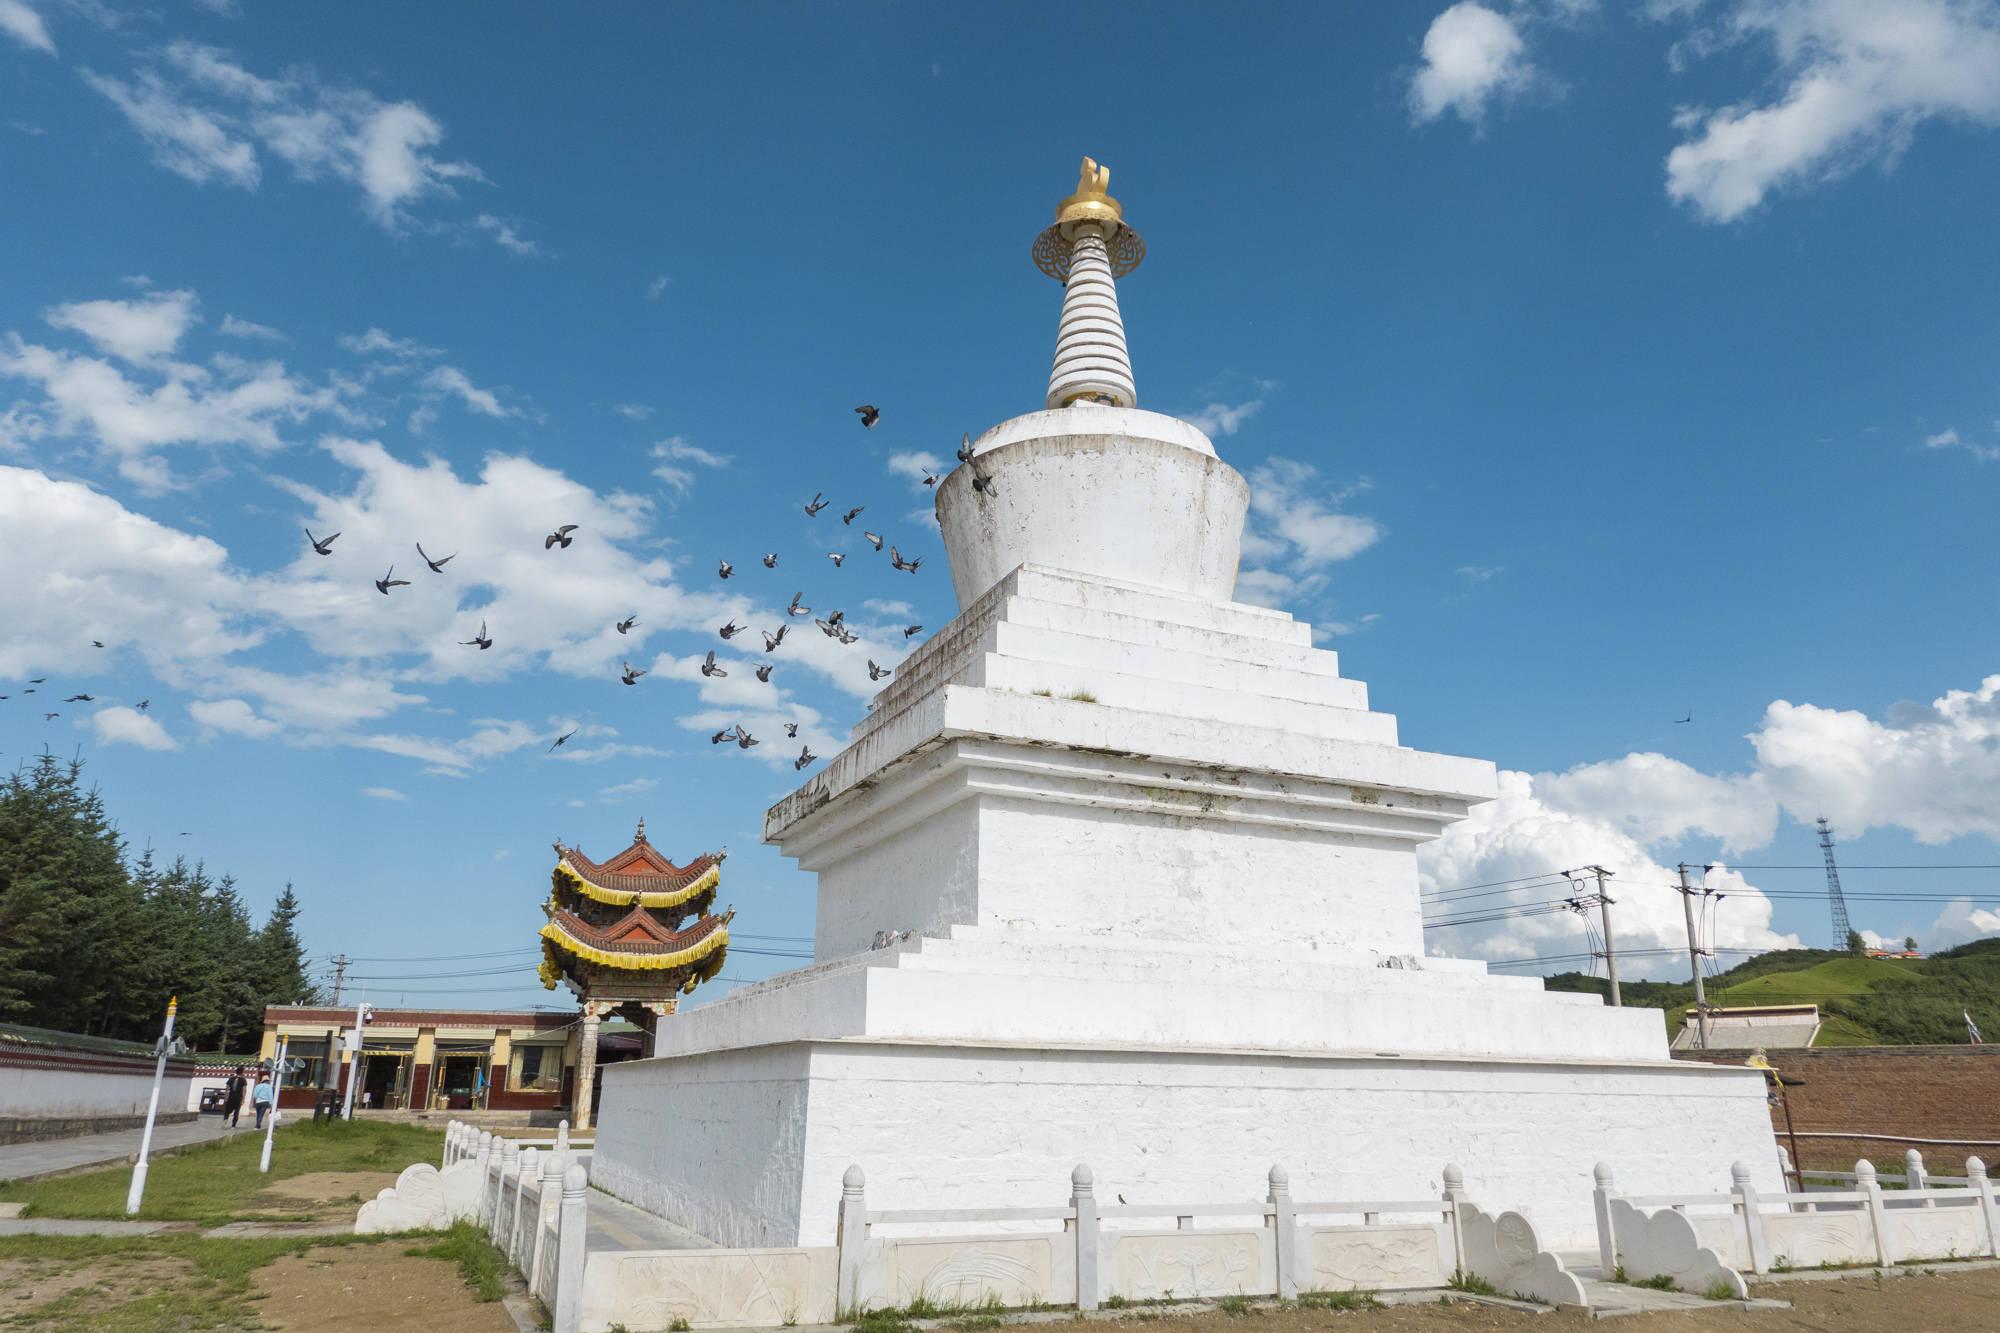 全藏区唯一的九层佛阁,金顶熠熠生辉,雄浑壮观,充满传奇色彩